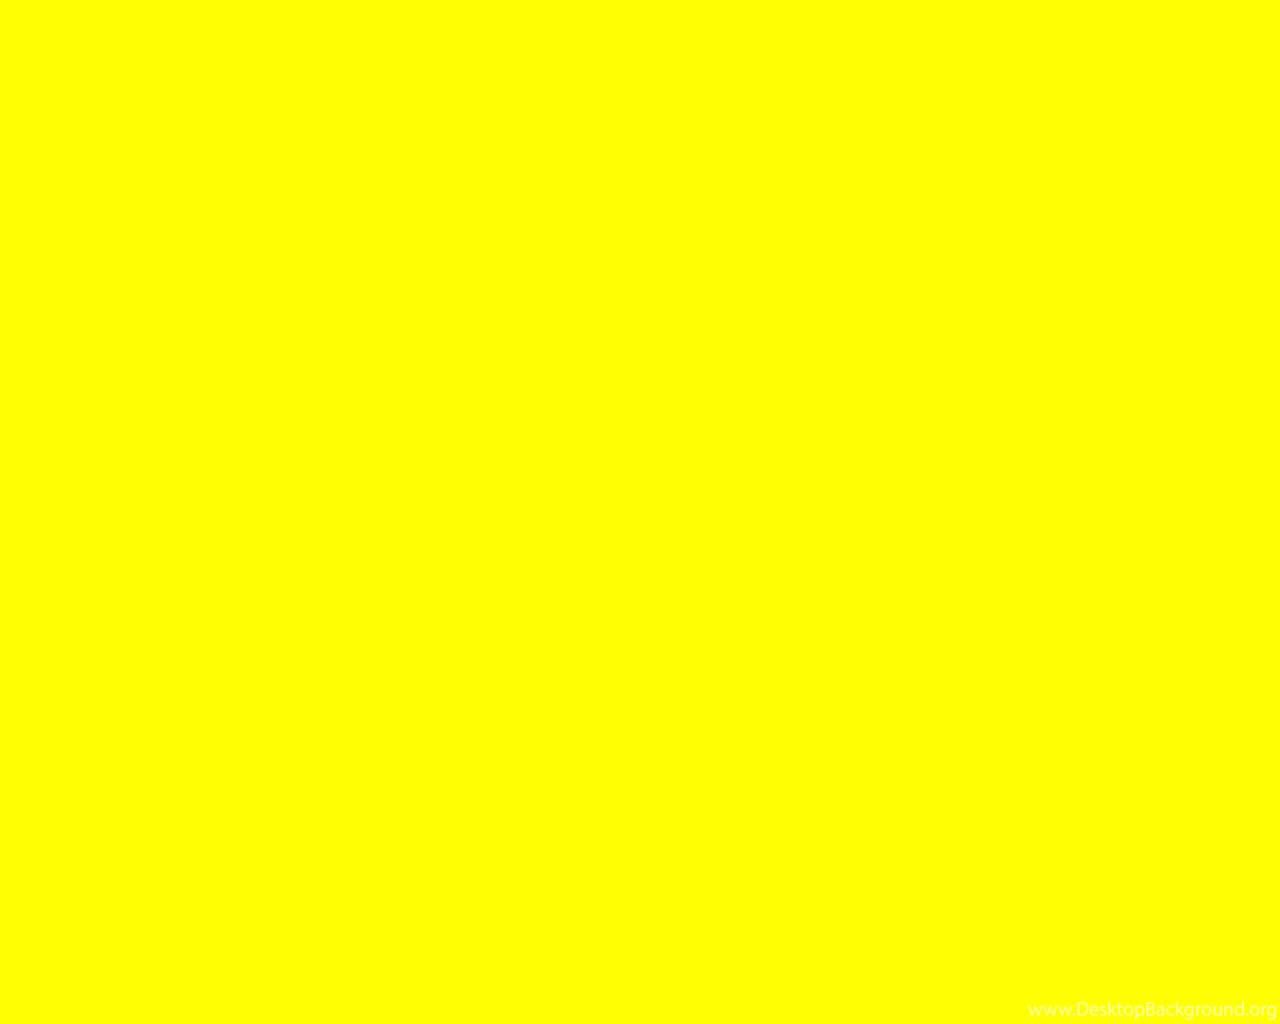 Желтый квадрат в картинках